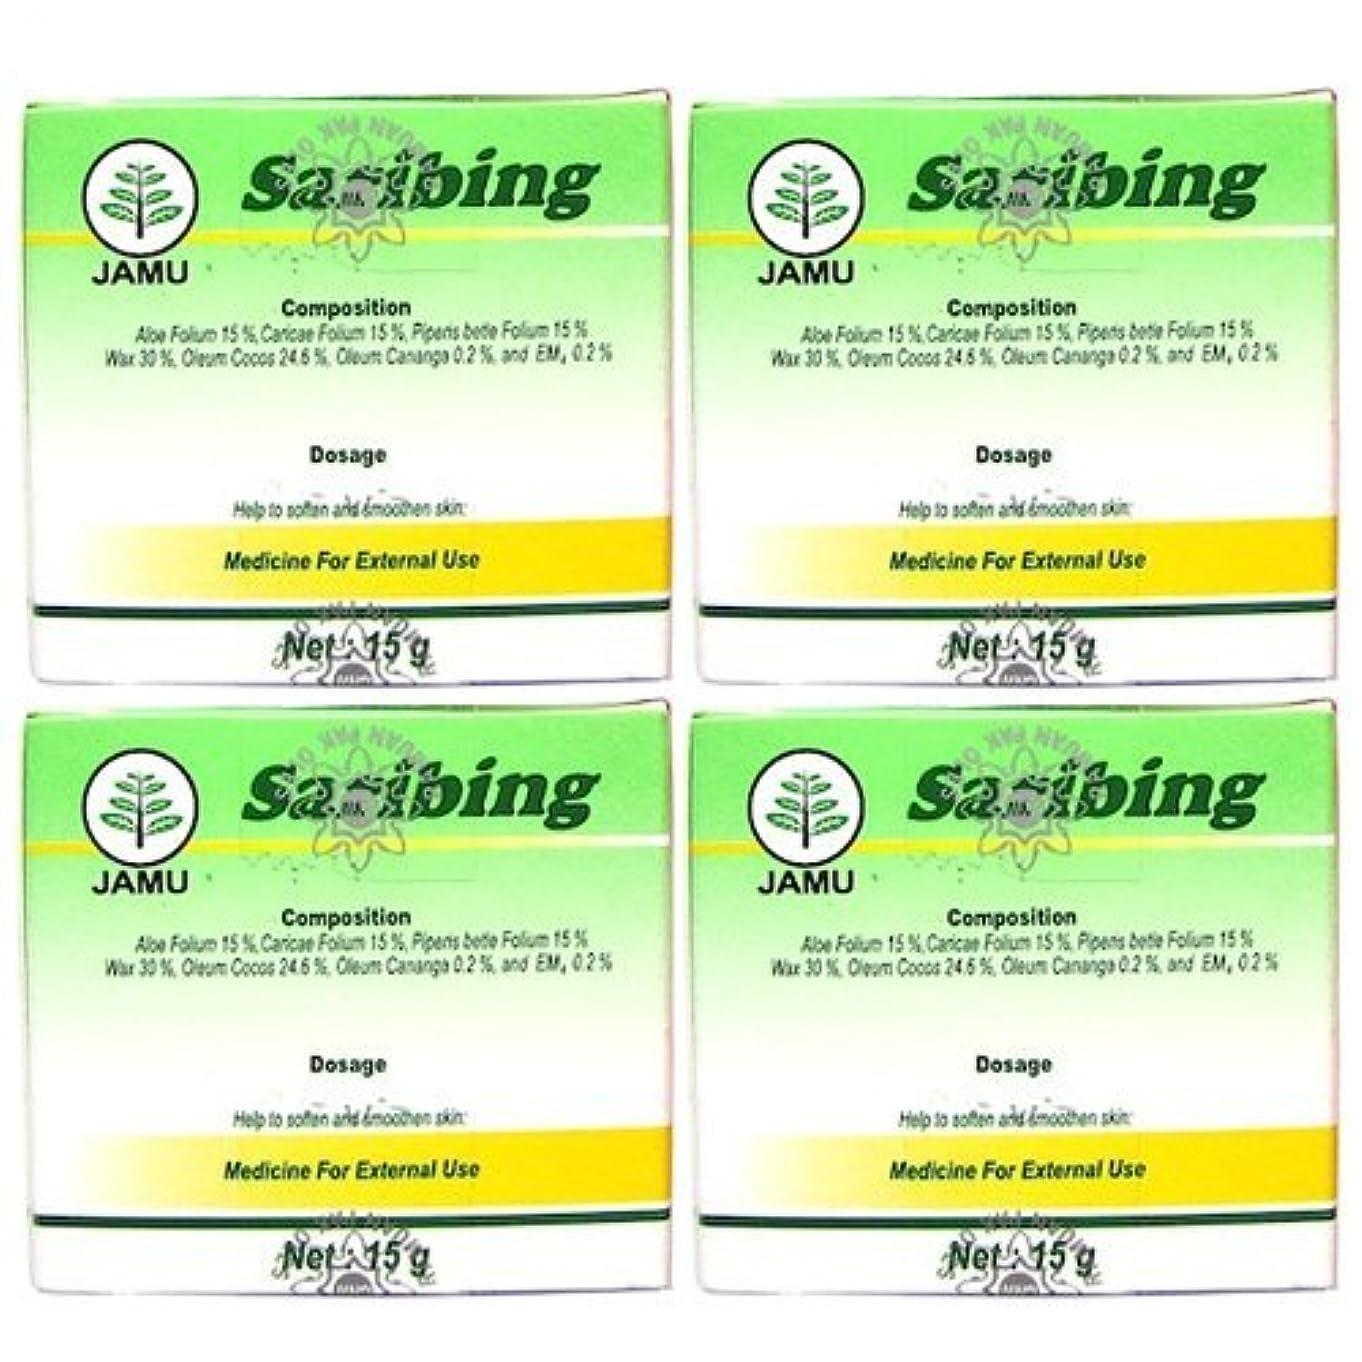 権限を与える列挙する甘味Saribing(サリビン)ビューティー クリーム 15g 4個セット [並行輸入品][海外直送品]